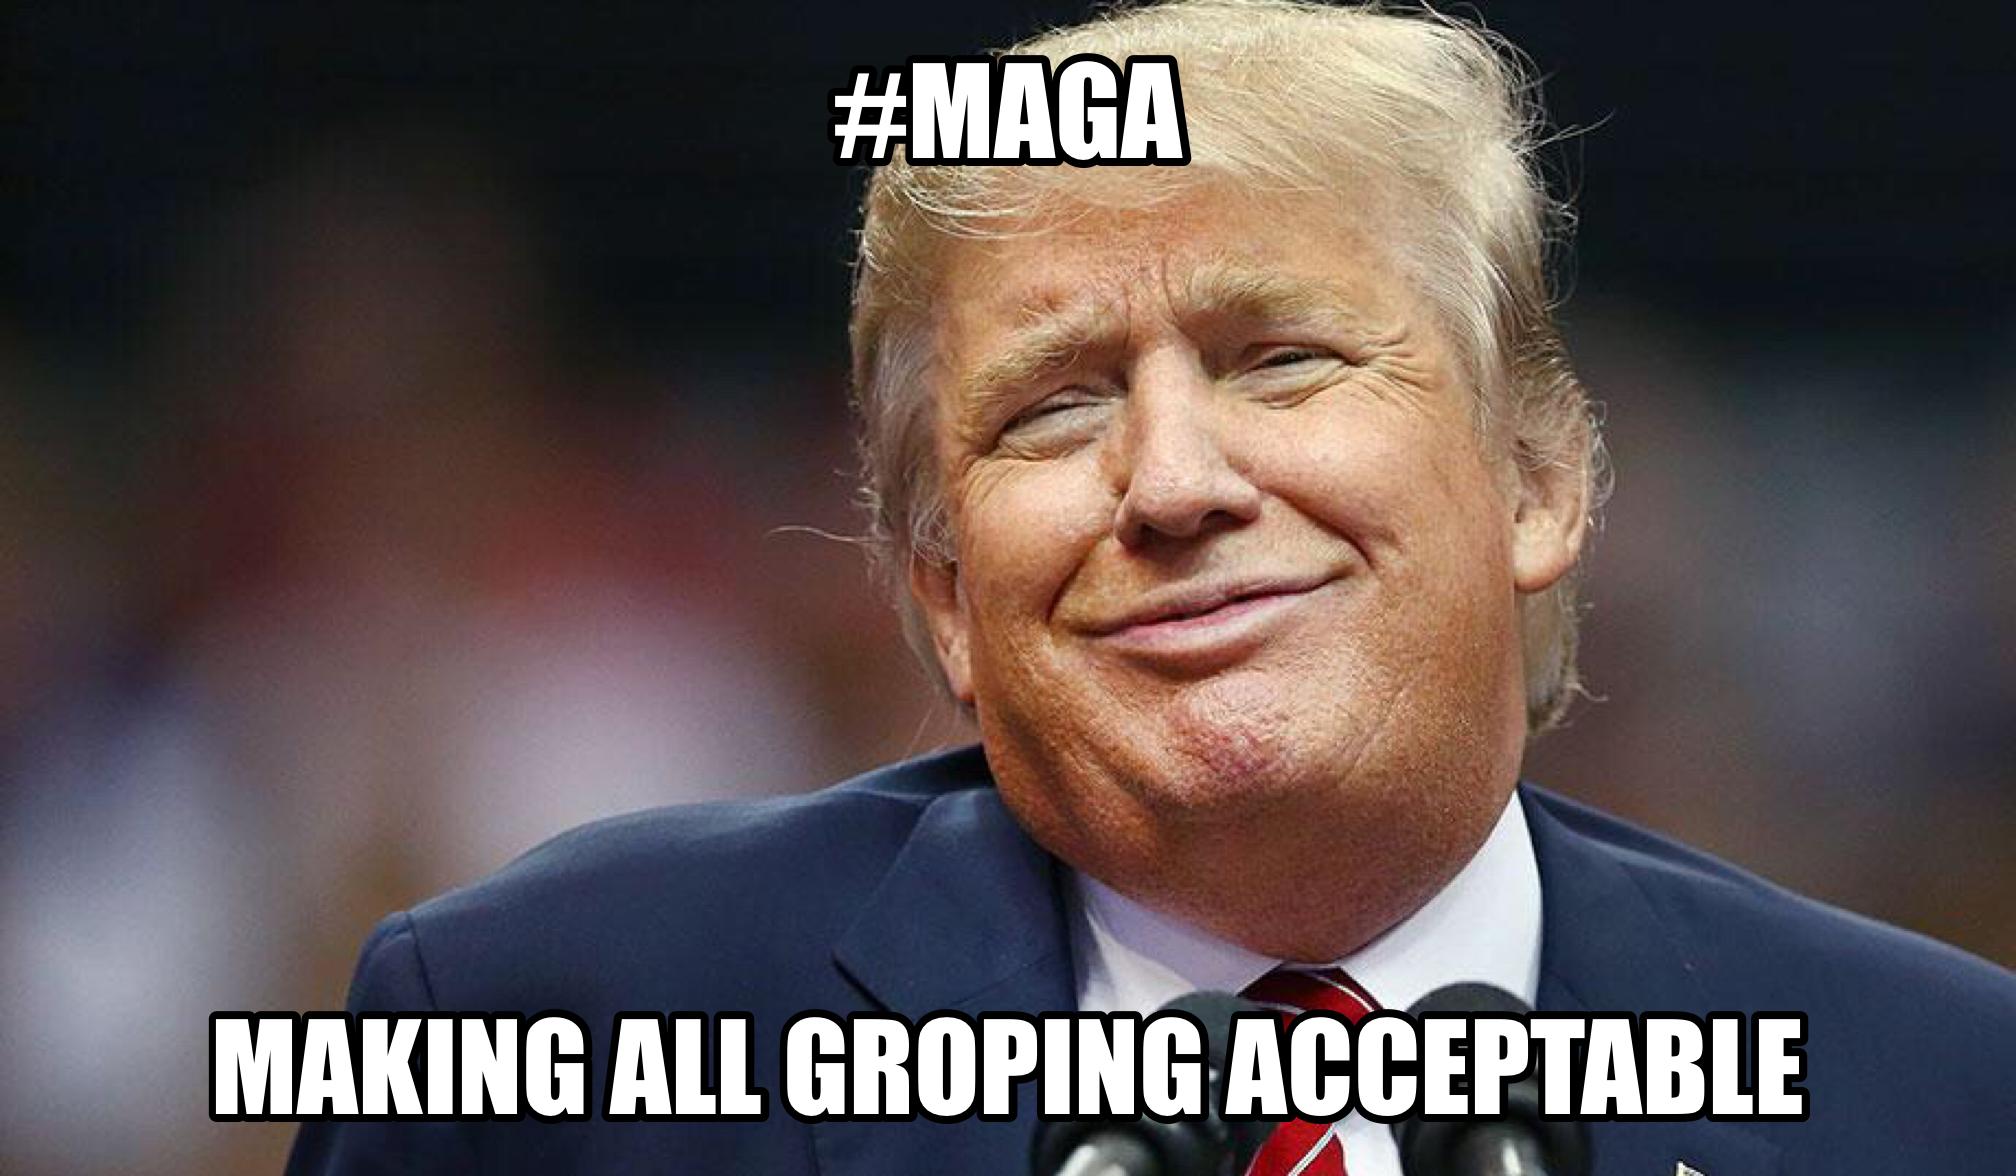 trump meme. photo credit: know your meme